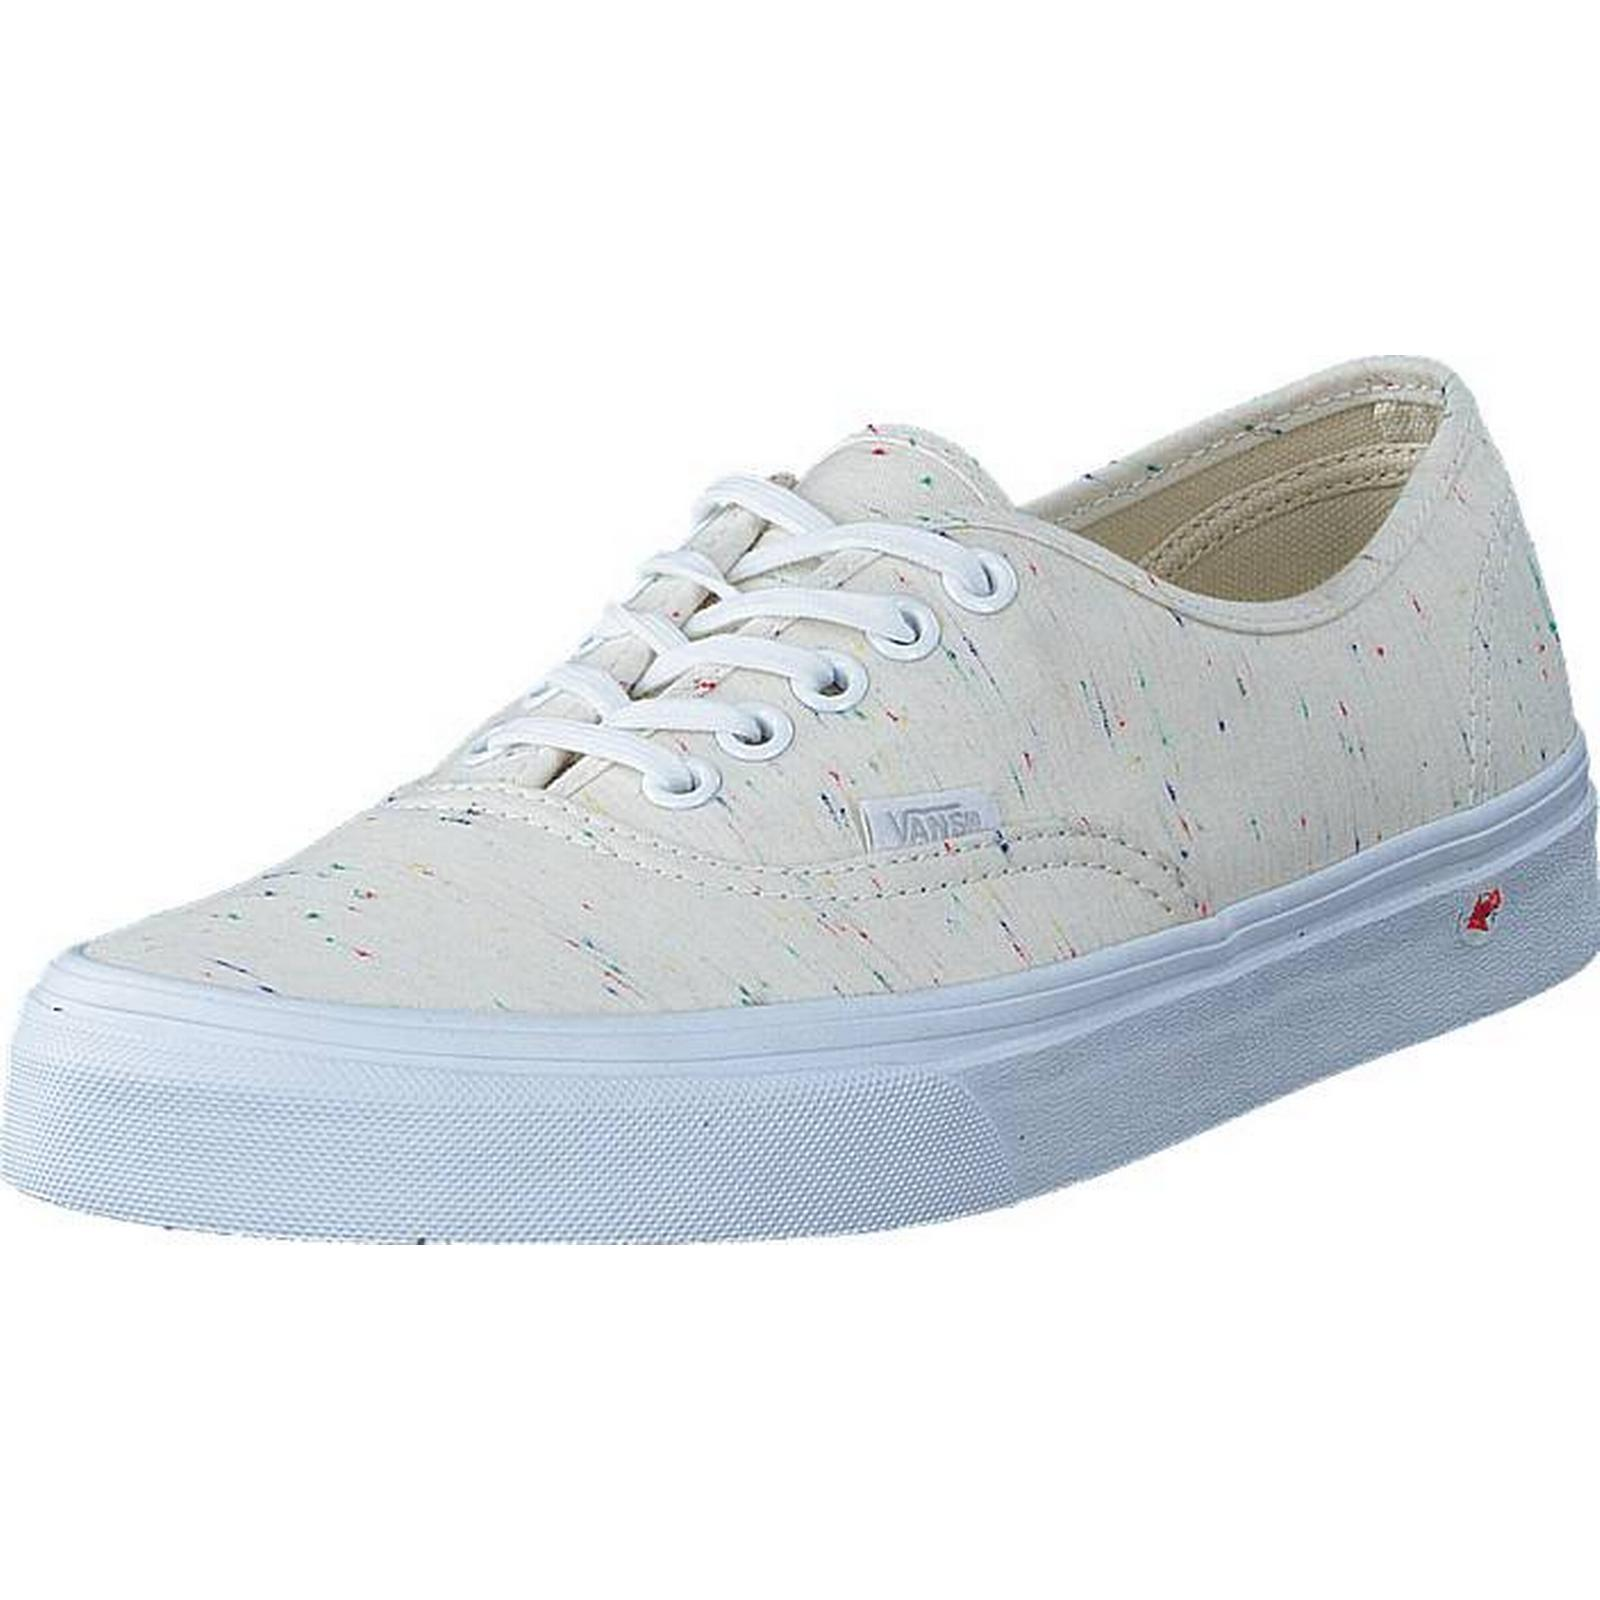 Vans UA Authentic cream/true white, Shoes, Trainers & Sport Shoes Shoes Sport , Low-top Trainers, White, Female, 41 adf684